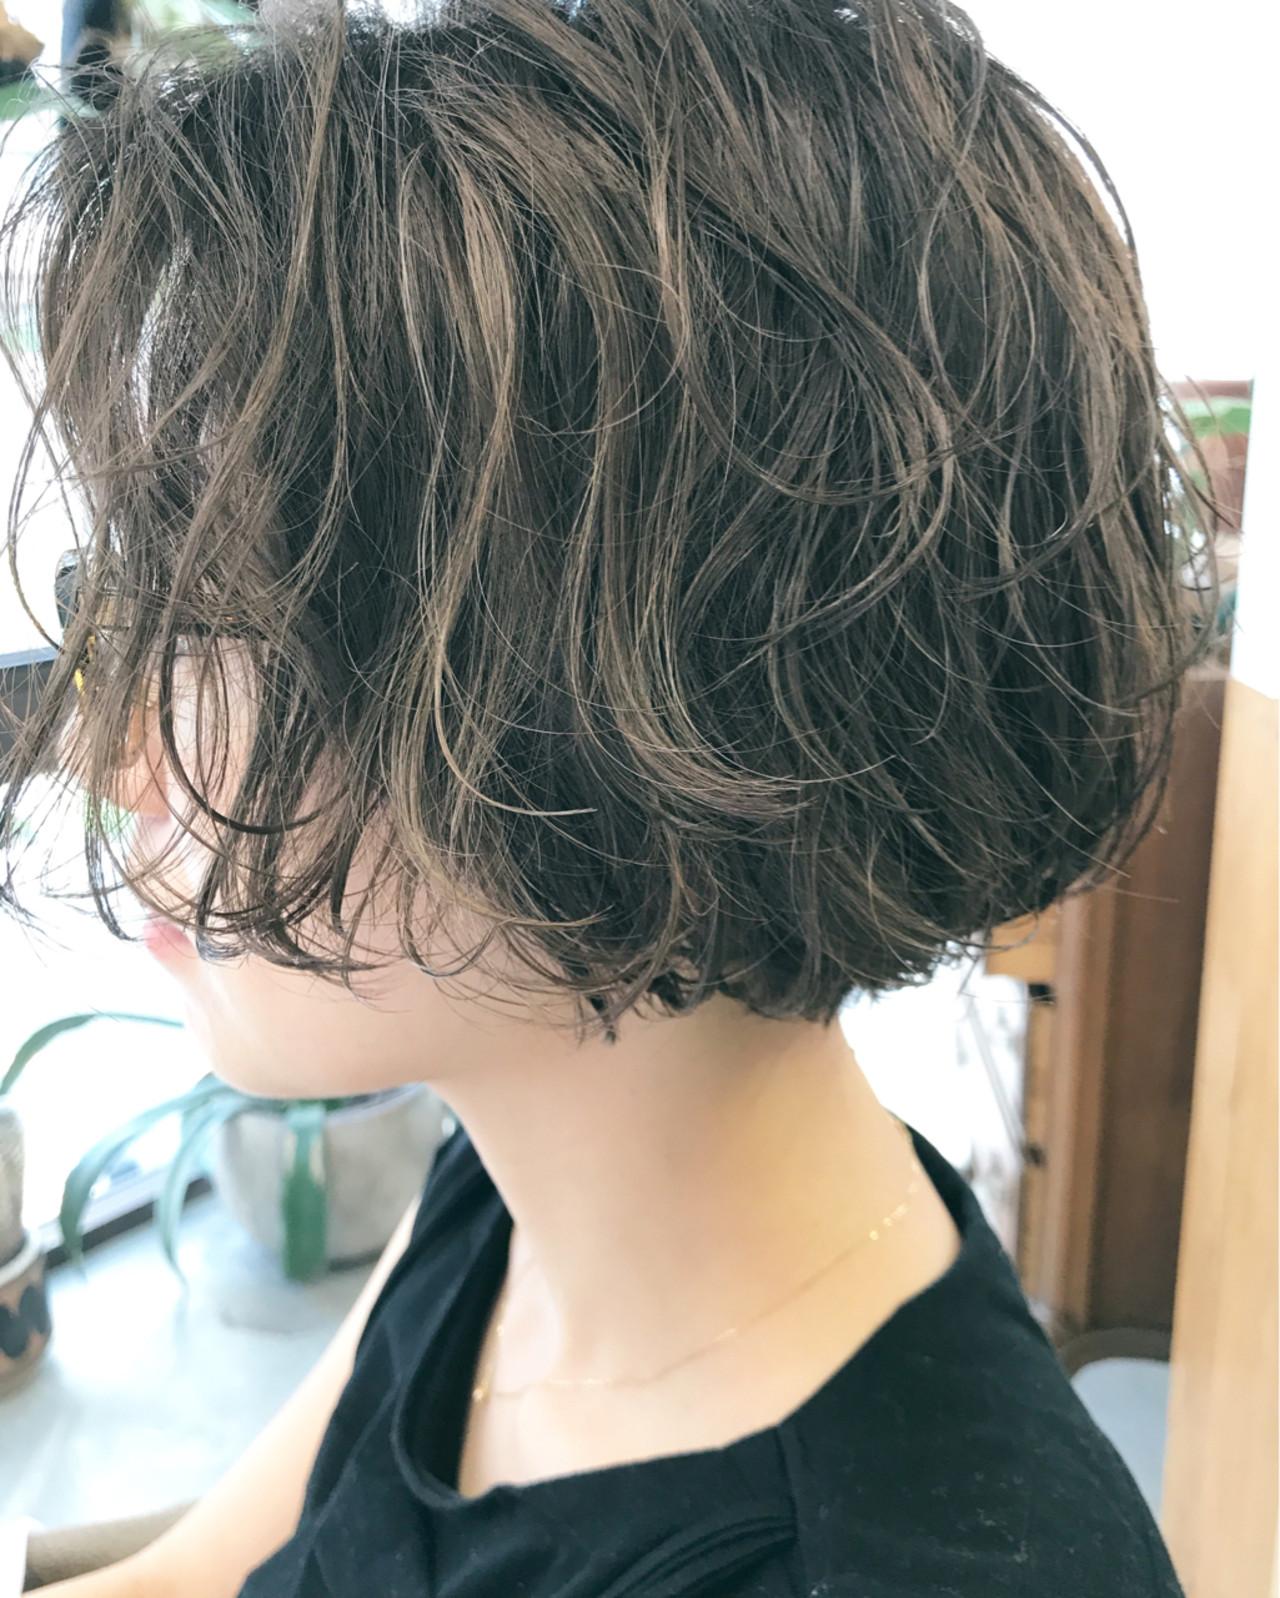 パーマ 透明感 ナチュラル ハイライト ヘアスタイルや髪型の写真・画像